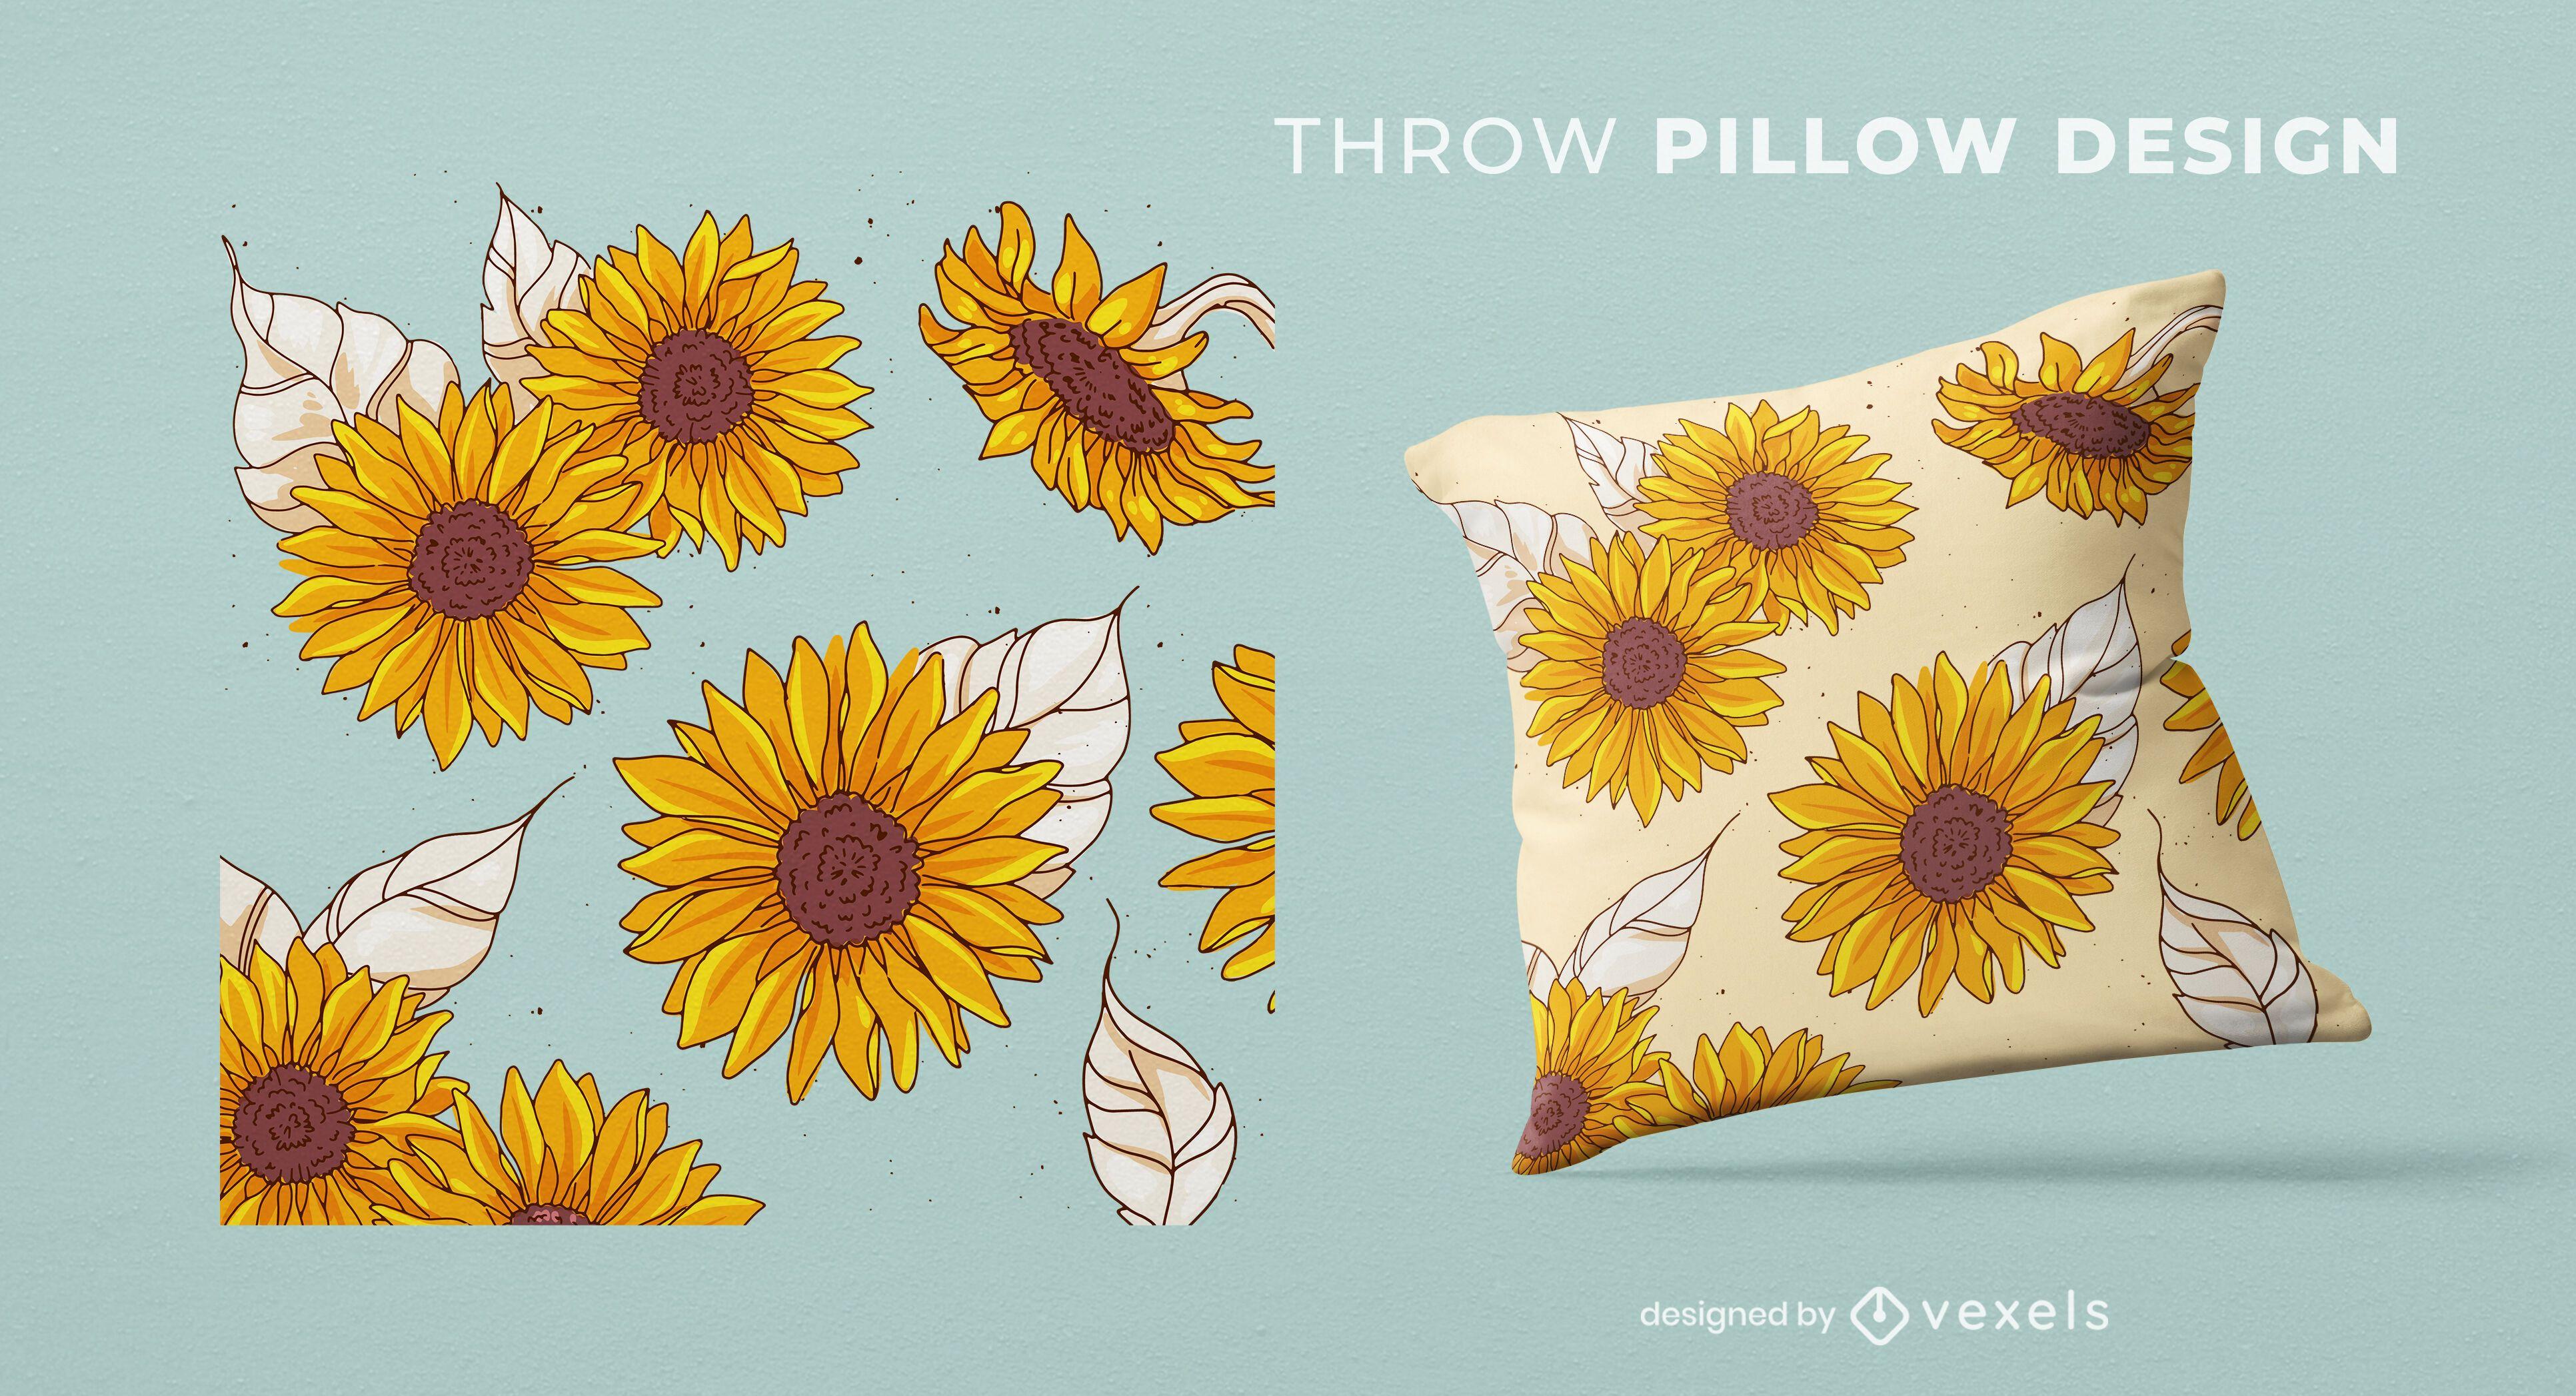 Sunflowers throw pillow design